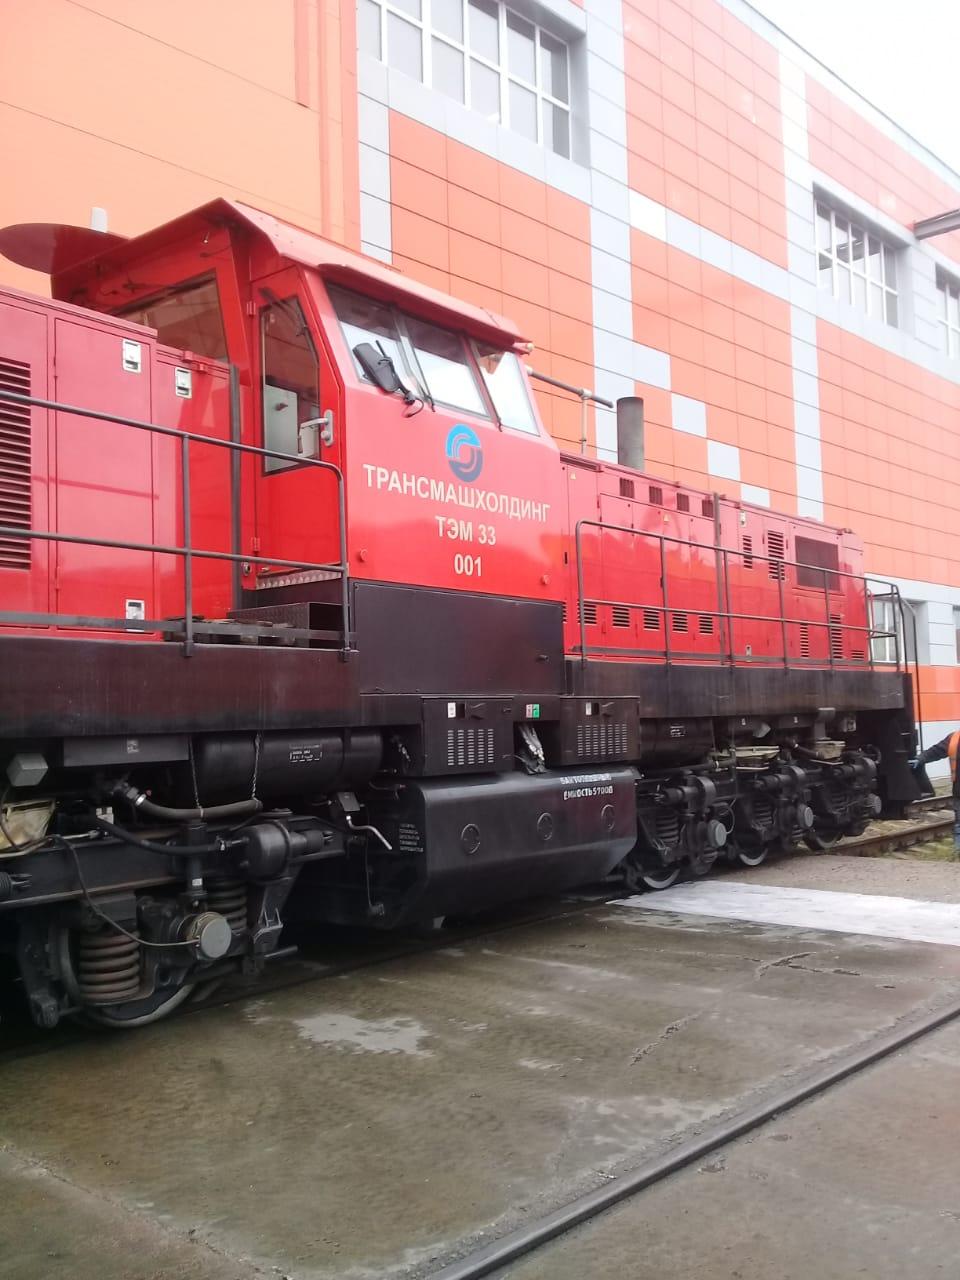 جولة لليوم السابع بمصنع جرارات السكة الحديد الروسى (22)